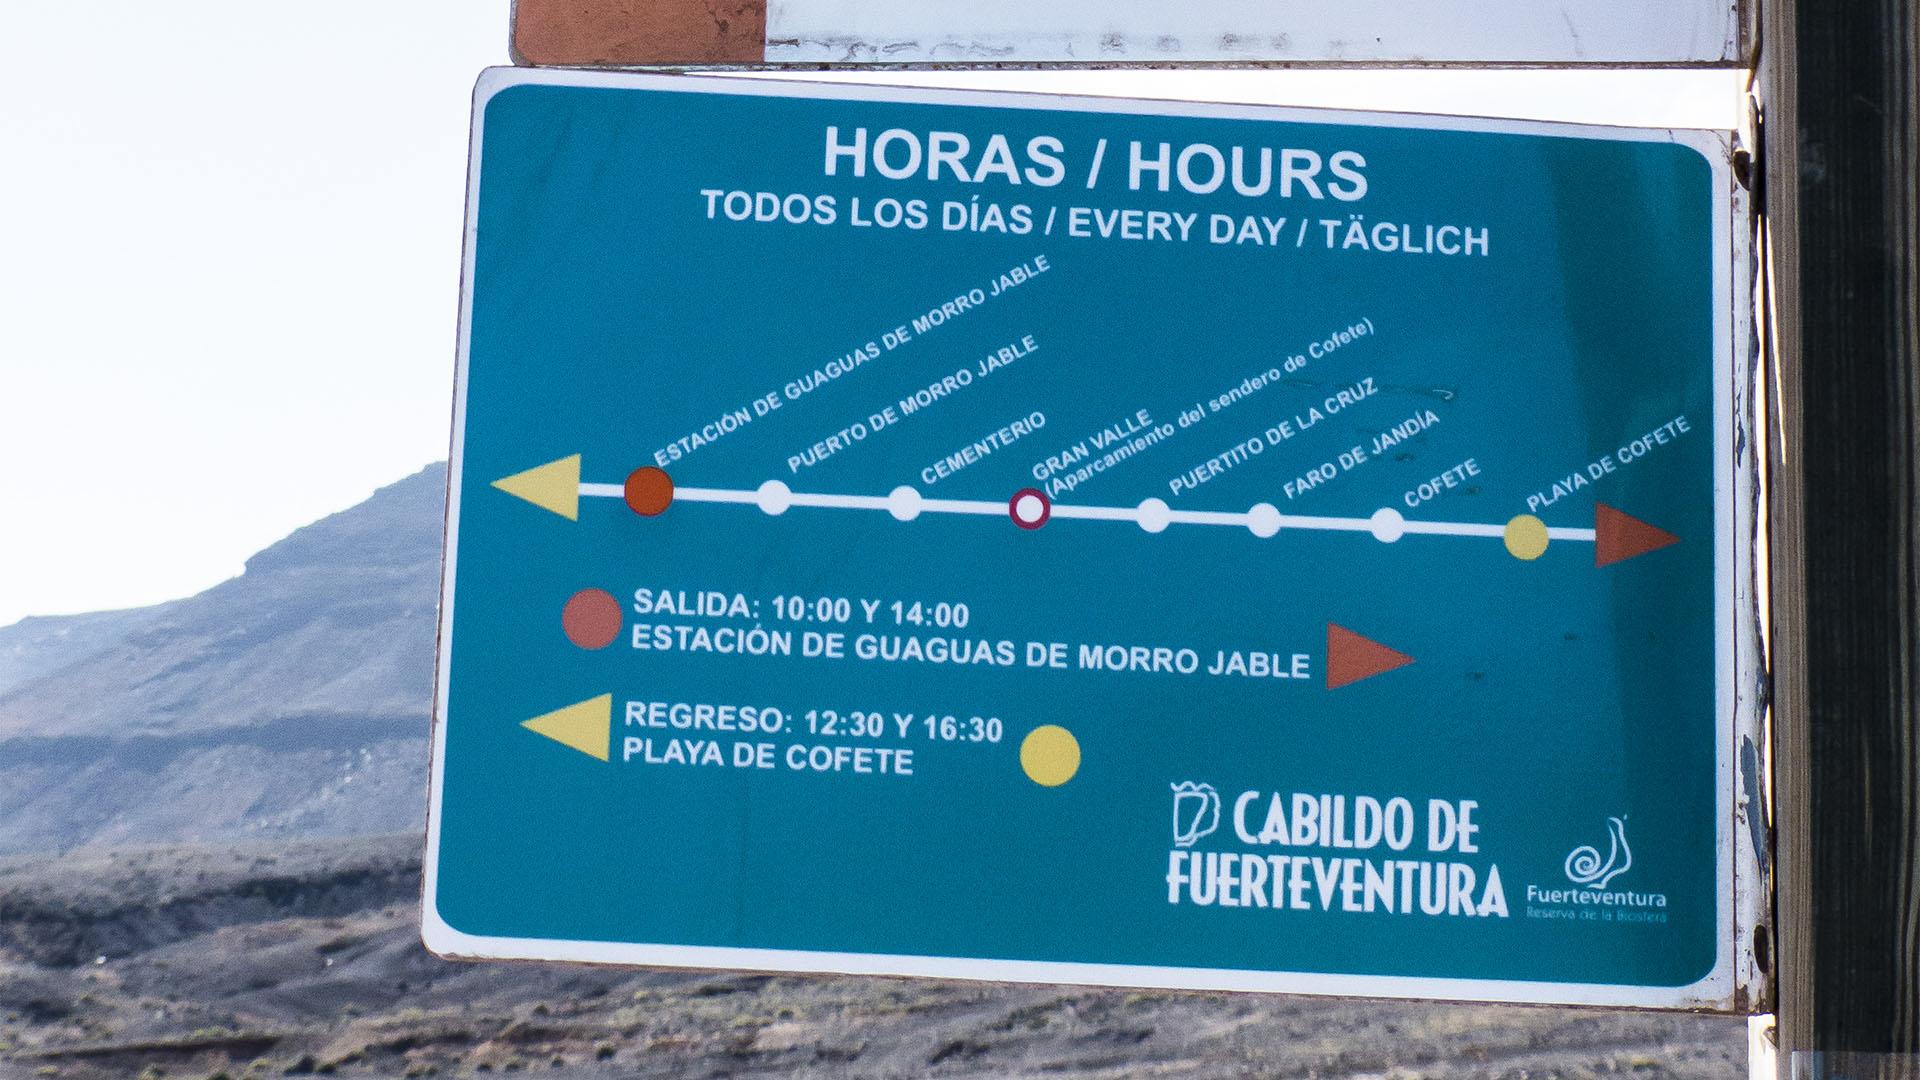 Wandern + Trekking auf Fuerteventura: Der Königsweg –durch das Gran Valle nach Cofete.